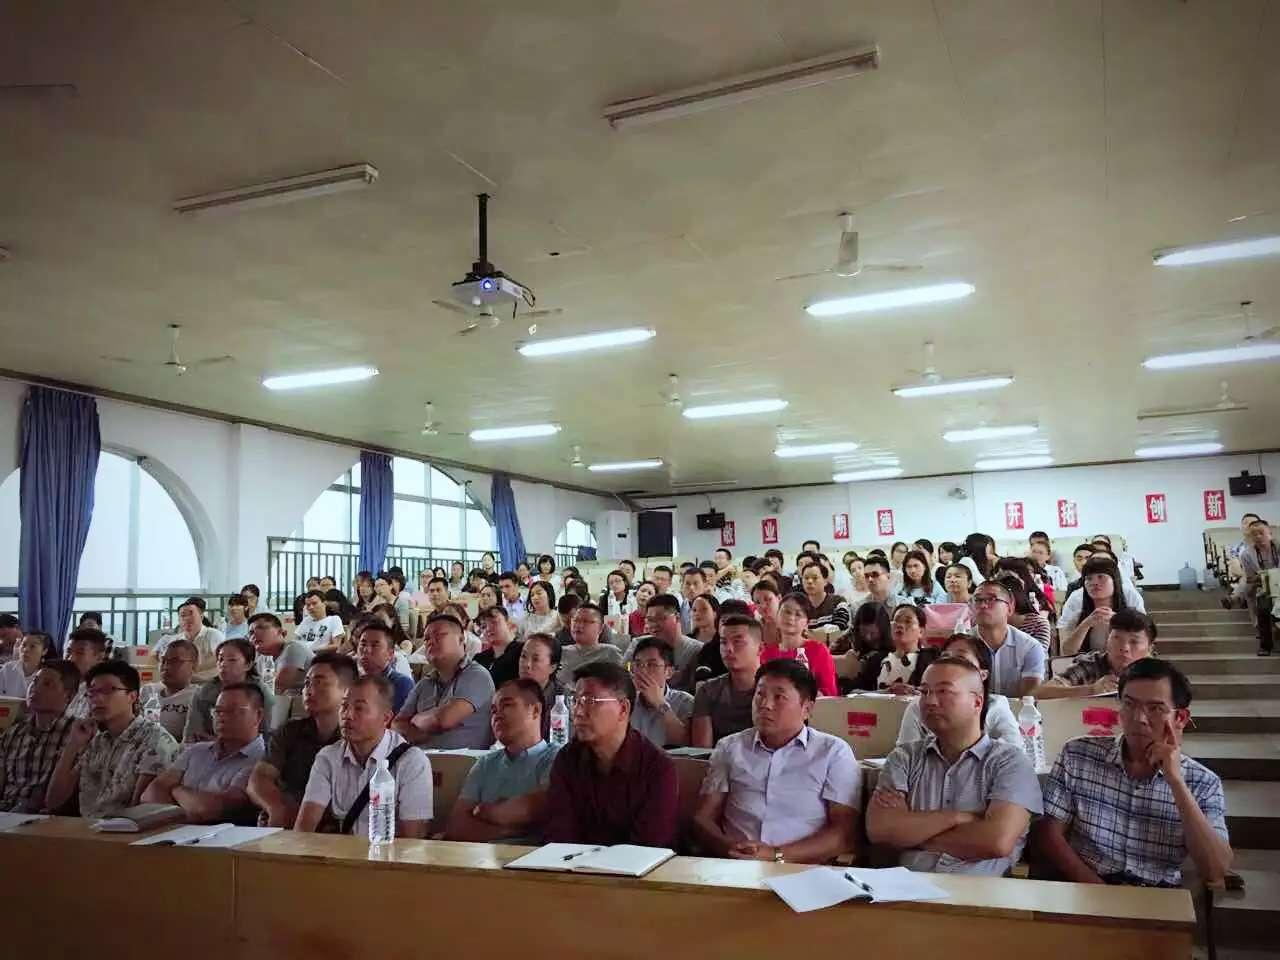 湘潭凤凰初级中学《班主任管理培训》专题讲座